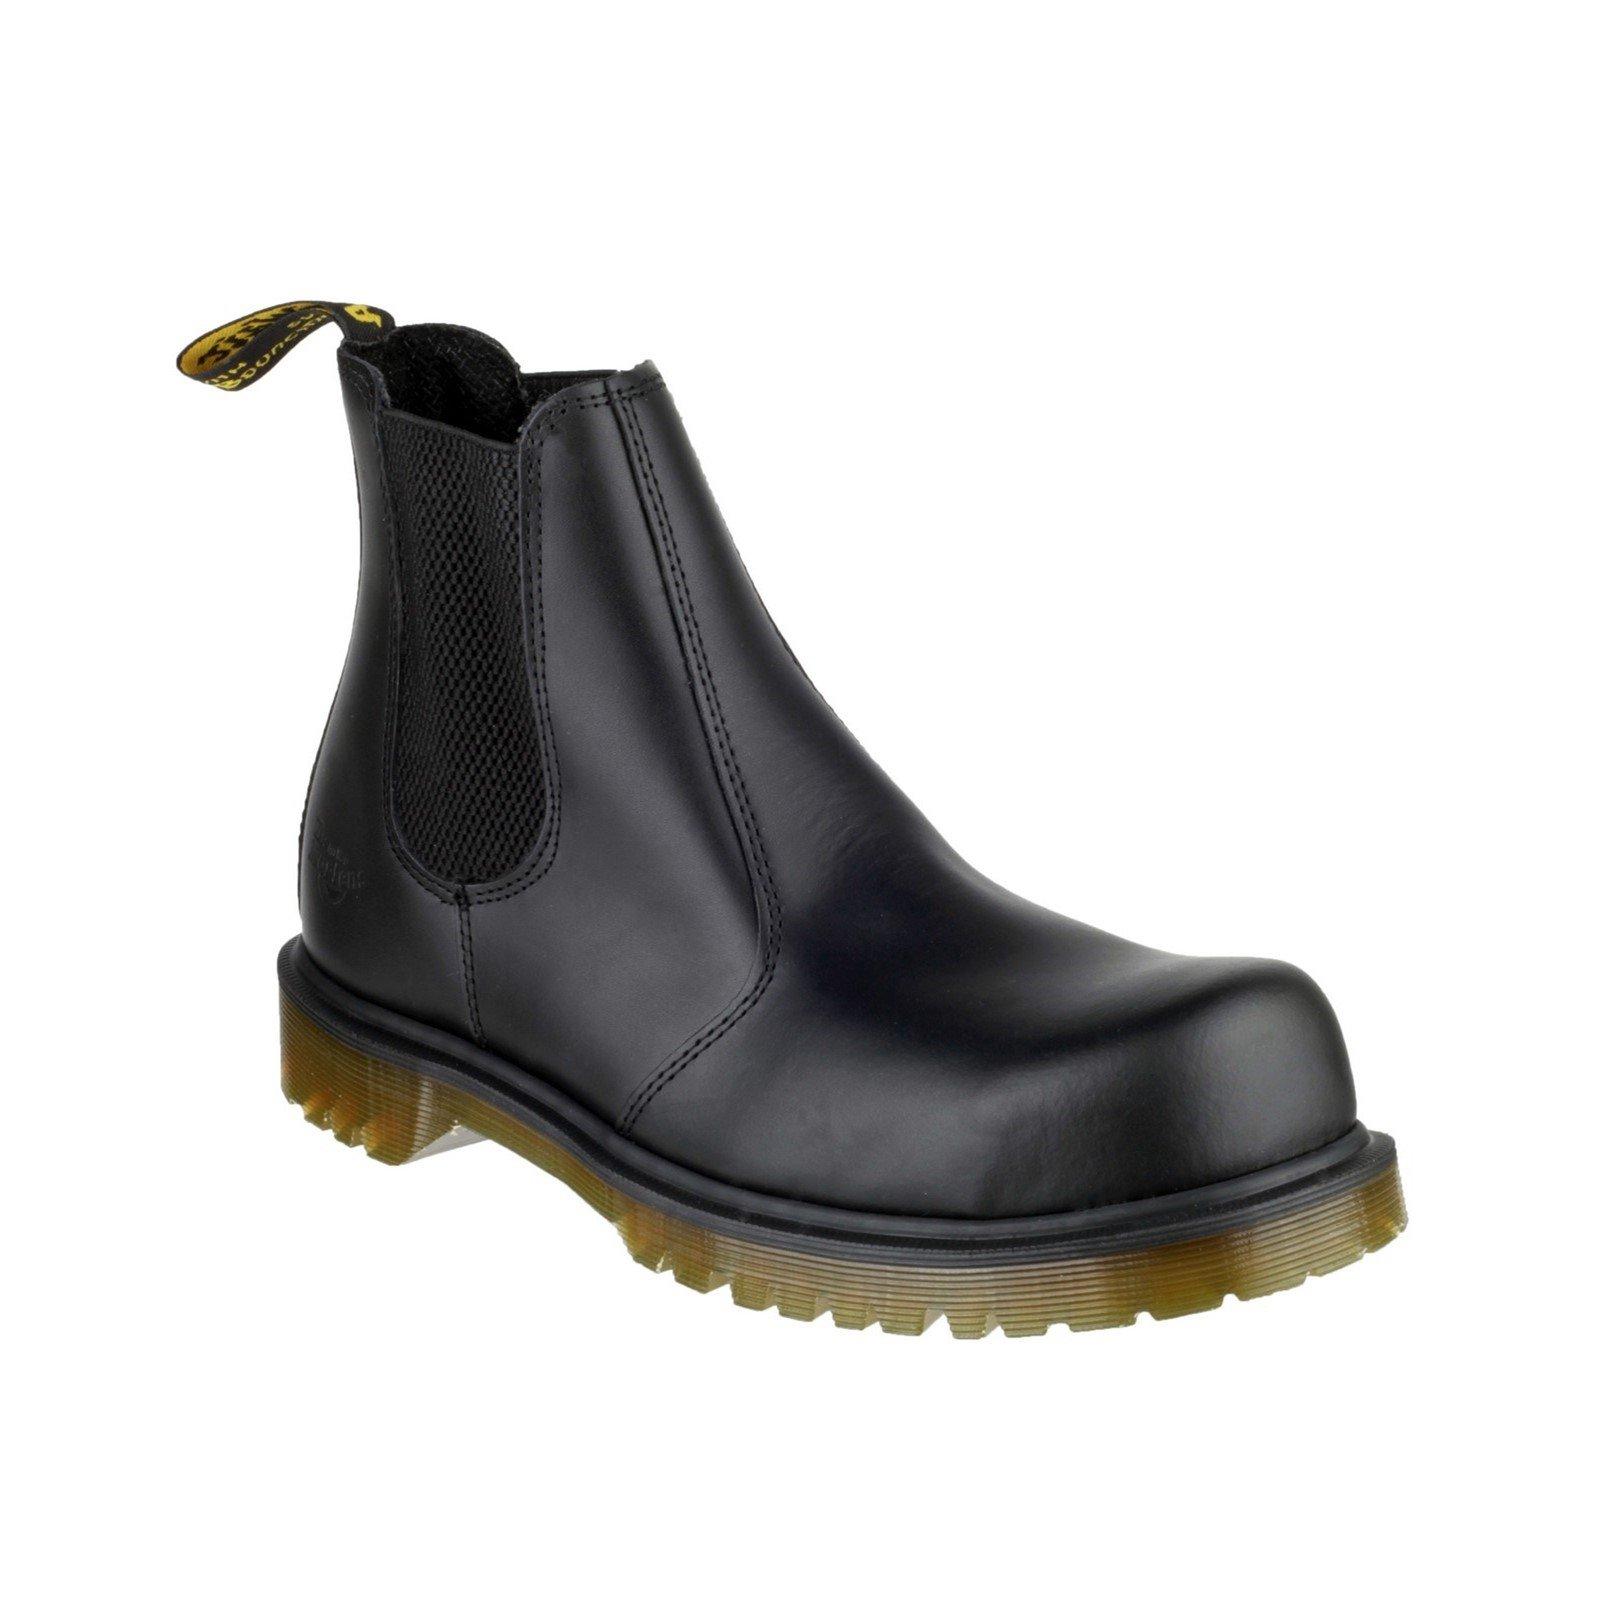 Dr Martens Unisex Dealer Boot Black 00496 - Black 4